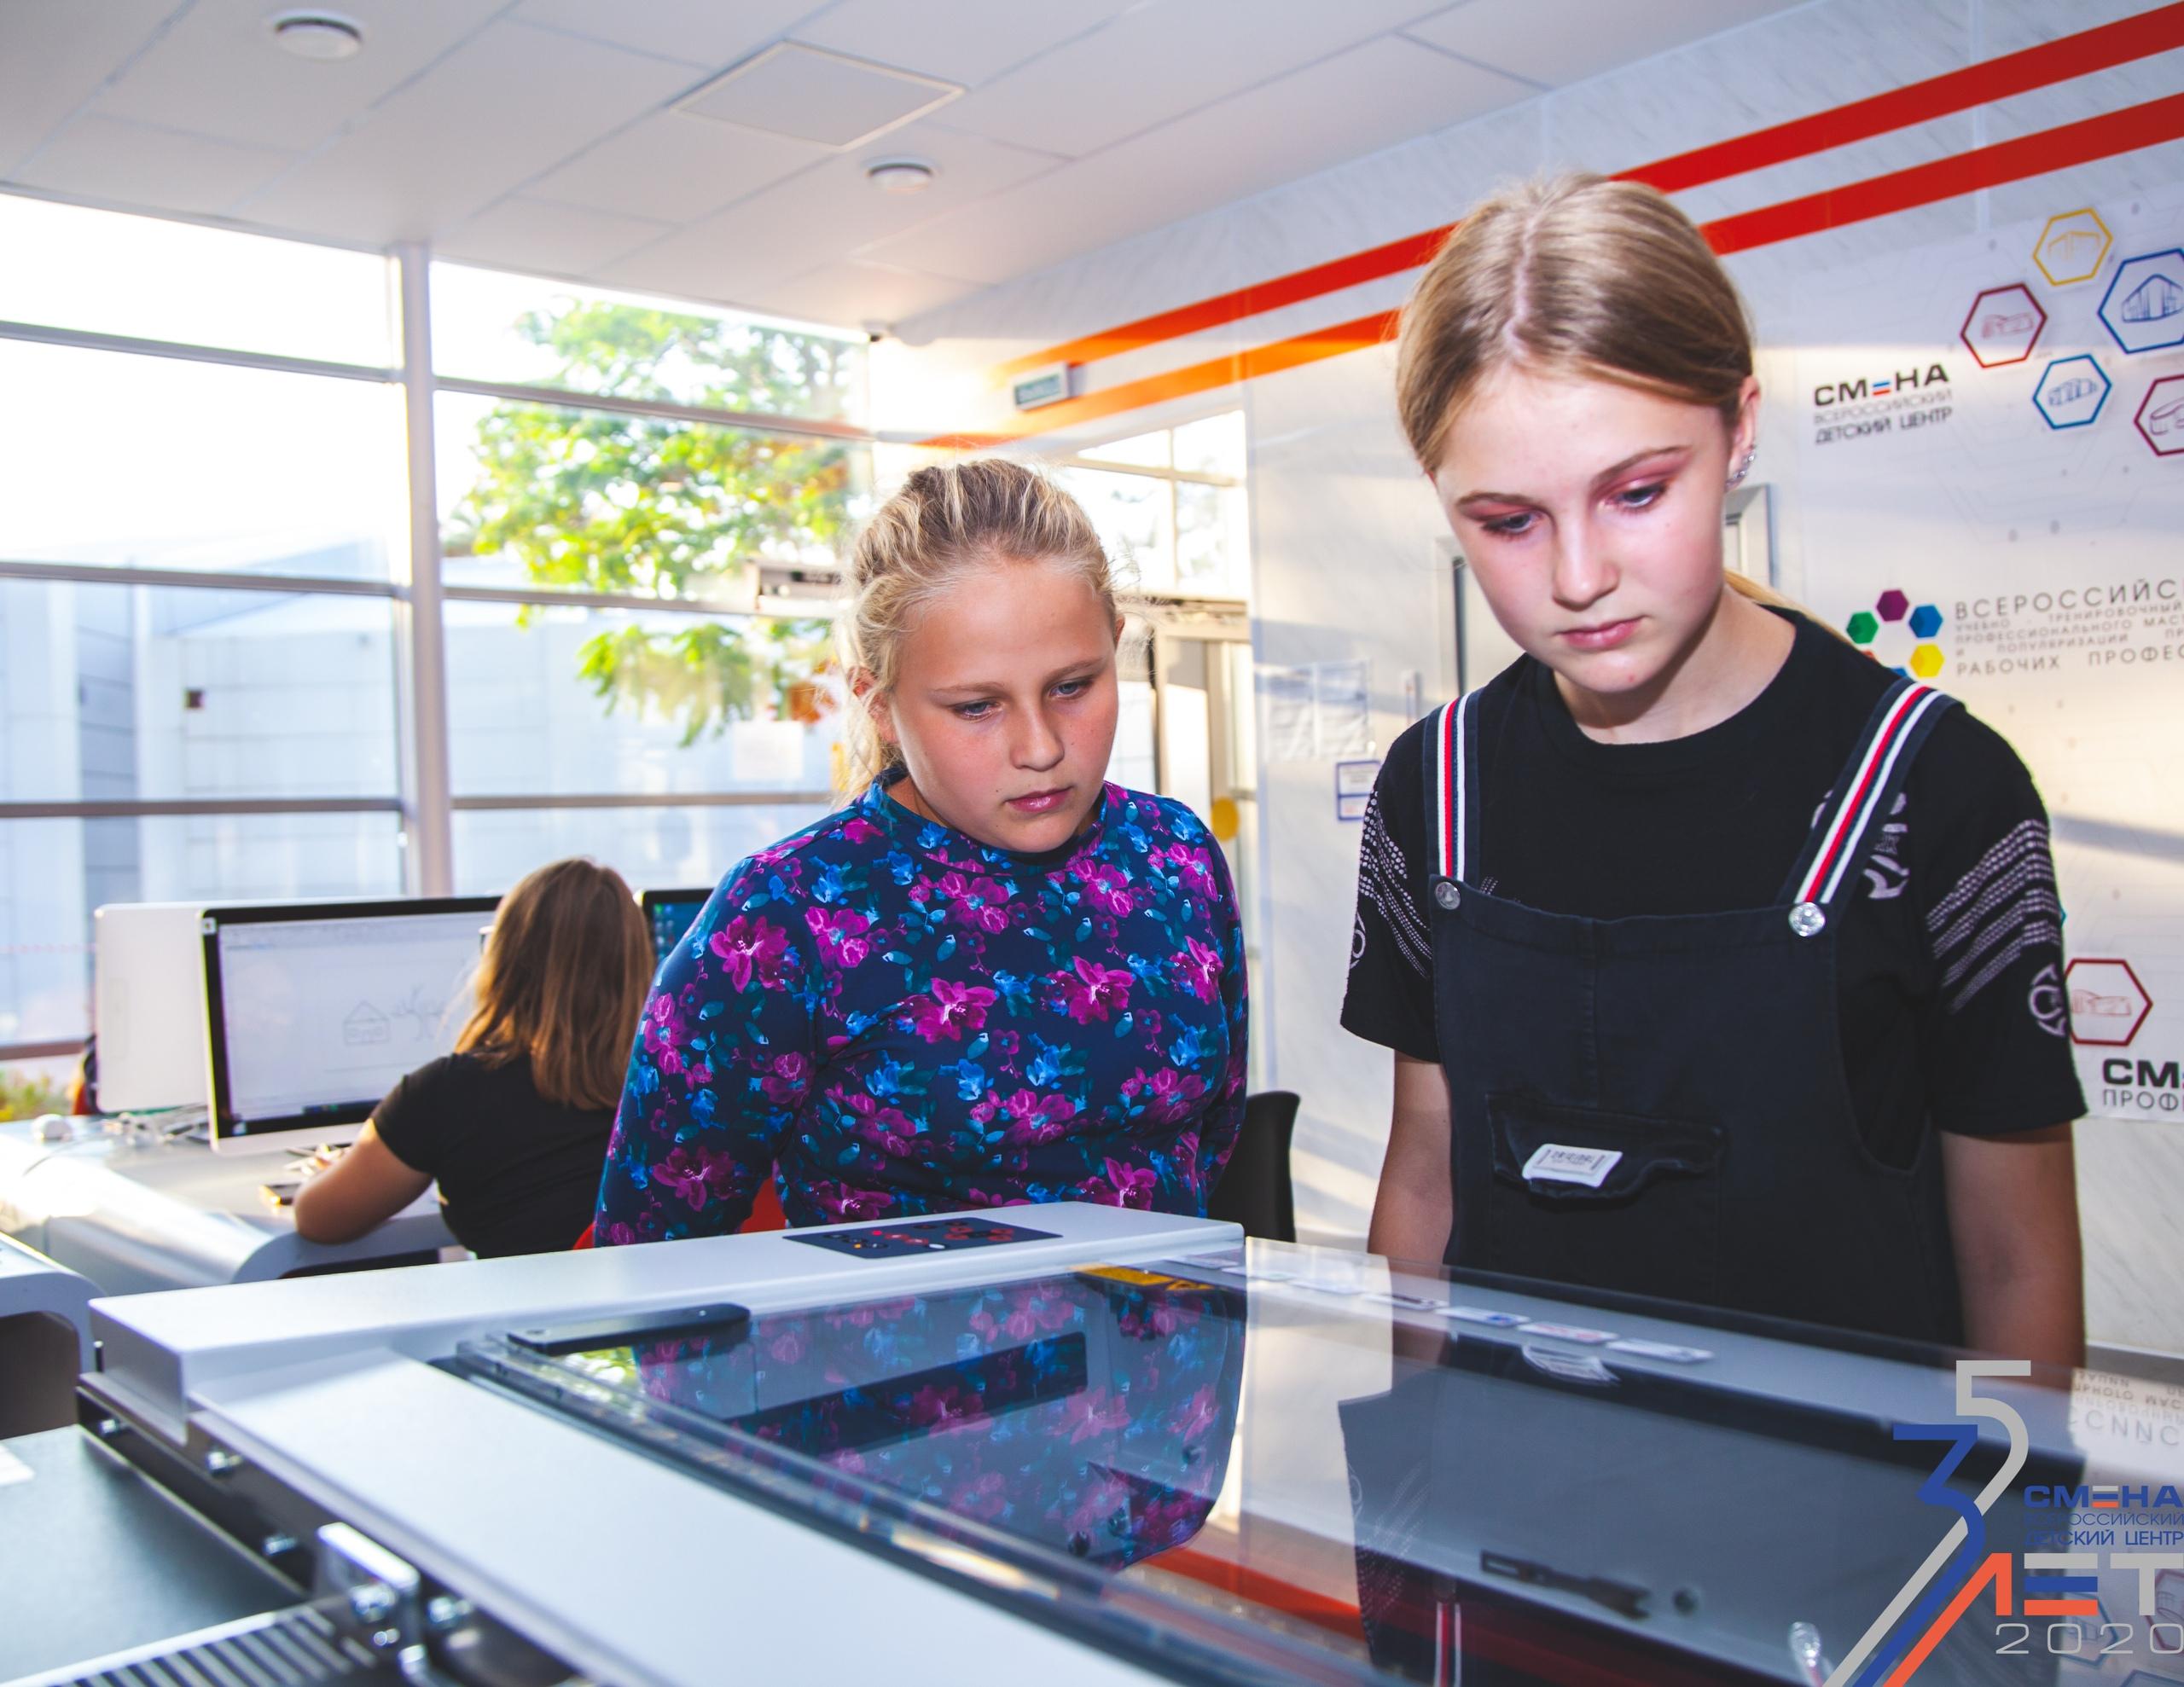 Лазерный станок Trotec для детских лабораторий и получения профессиональных навыков